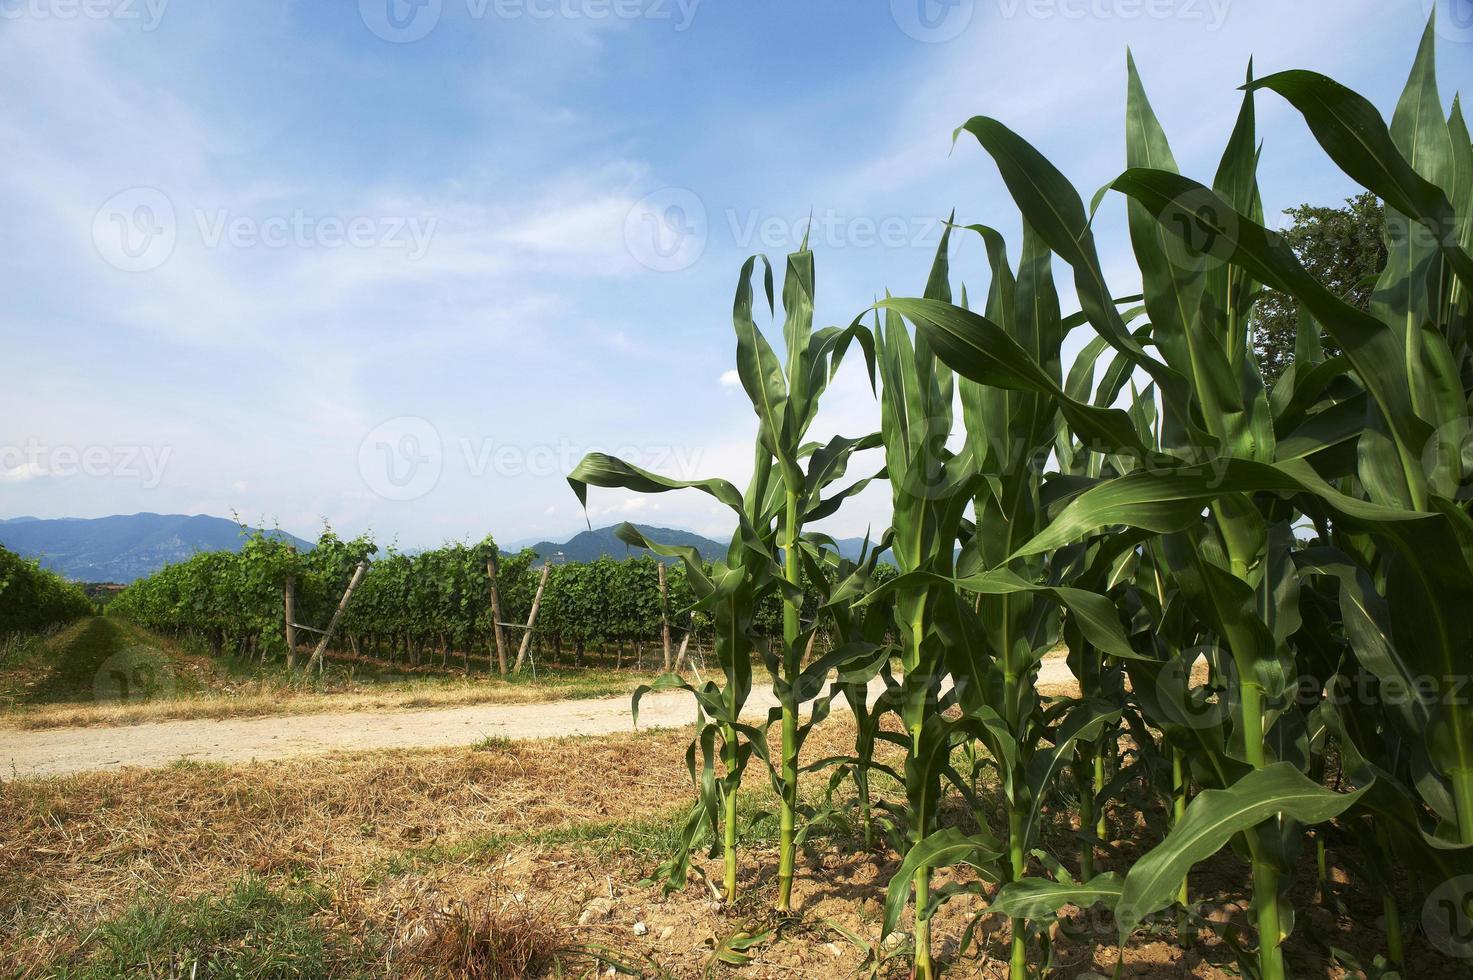 vignoble et maïs photo